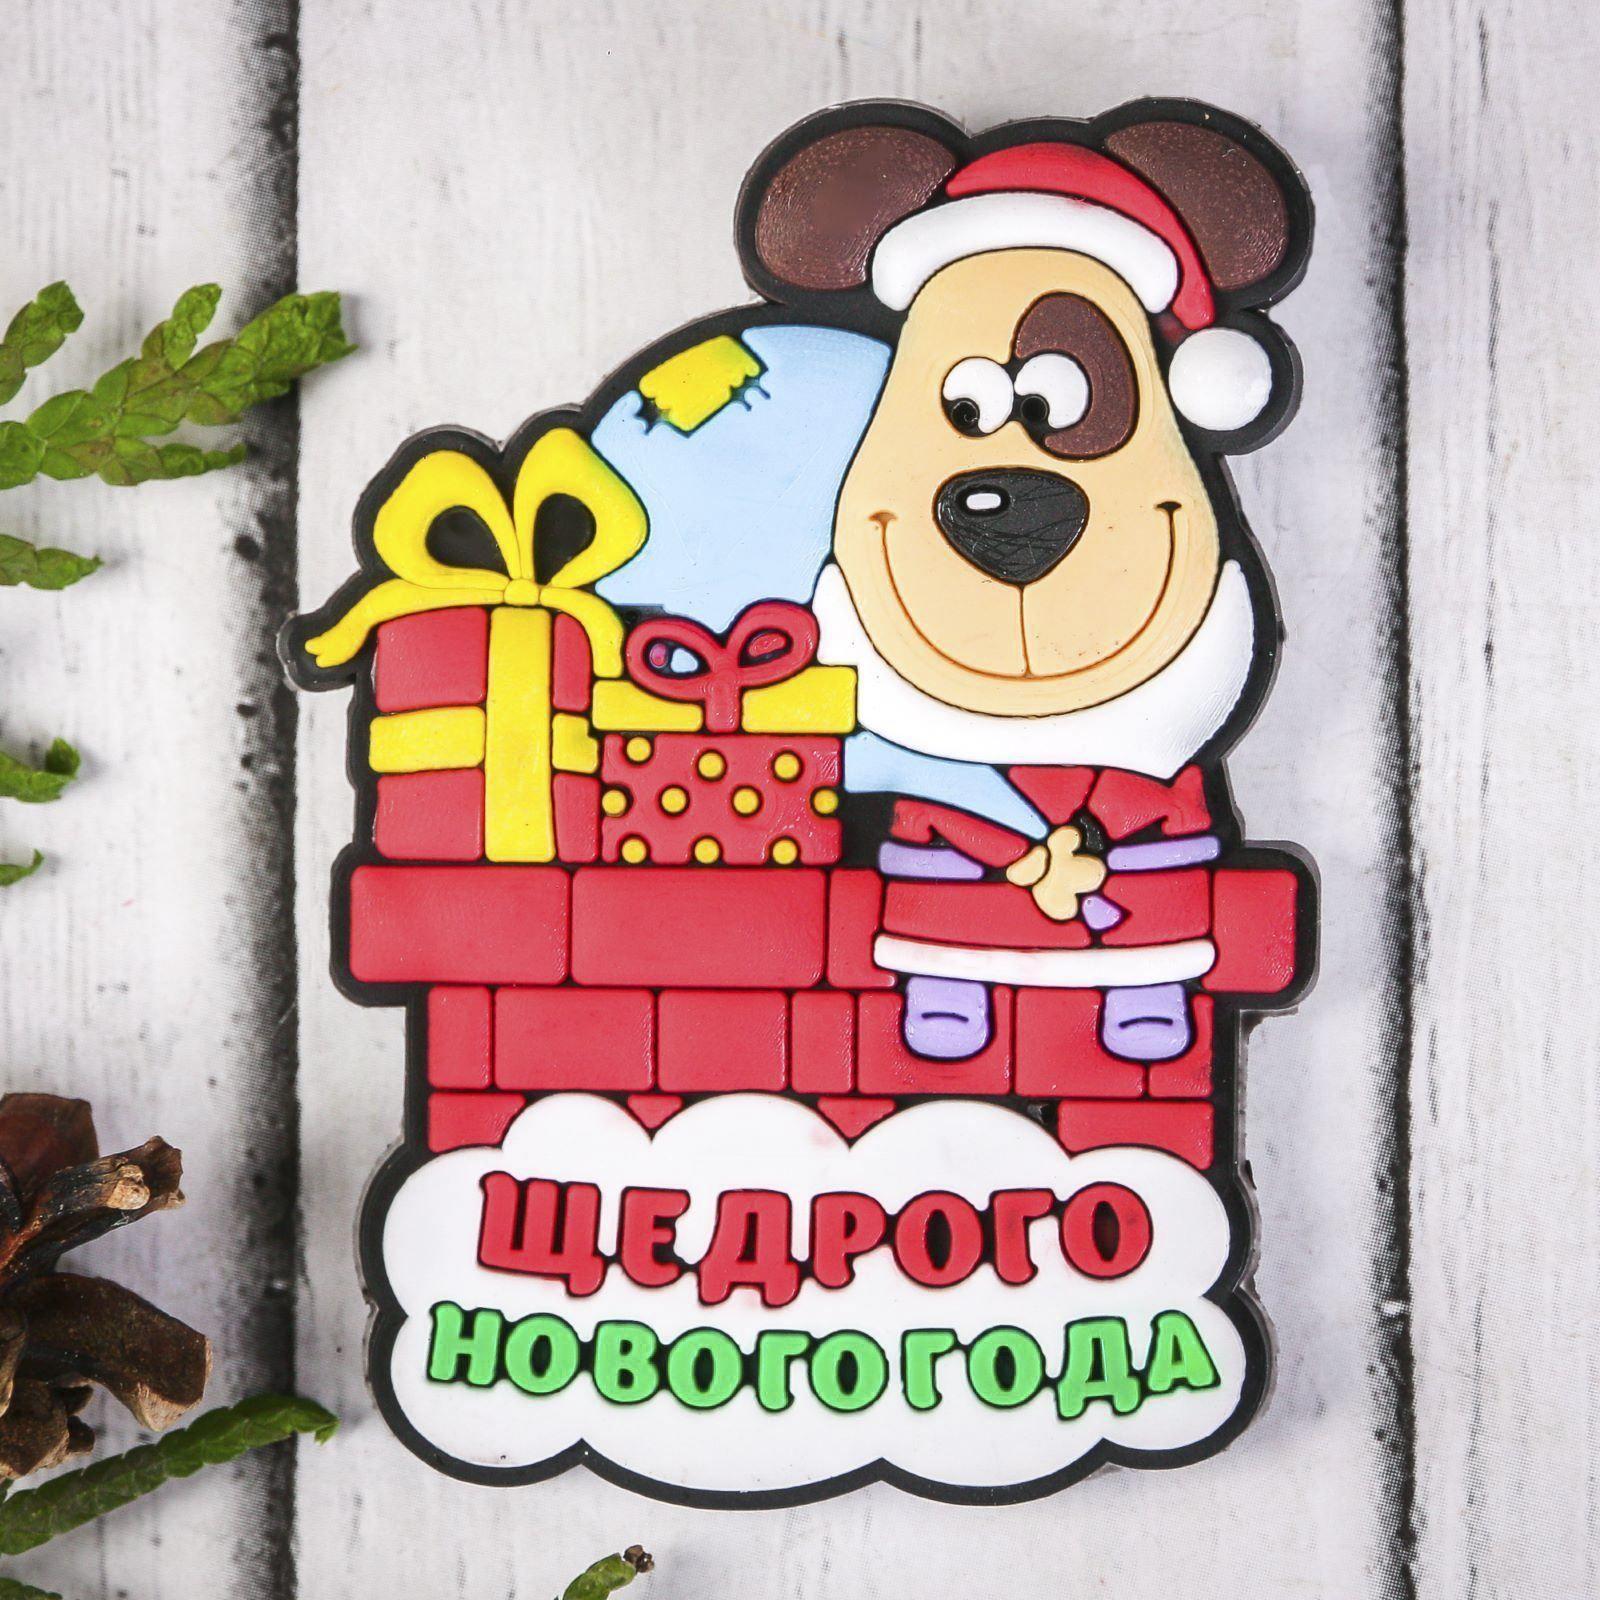 Магнит Sima-land Щедрого Нового года, 5,1 х 7 см2011341Порадуйте родных и близких оригинальным сувениром: преподнесите в подарок магнит. С ним даже самый серьезный человек почувствует себя ребенком, ожидающим чудо! Прикрепите его к любой металлической поверхности, и он удержит на виду важные записки, любовные послания или просто список продуктов.Создайте праздничное настроение, и оно останется с вами на весь год.